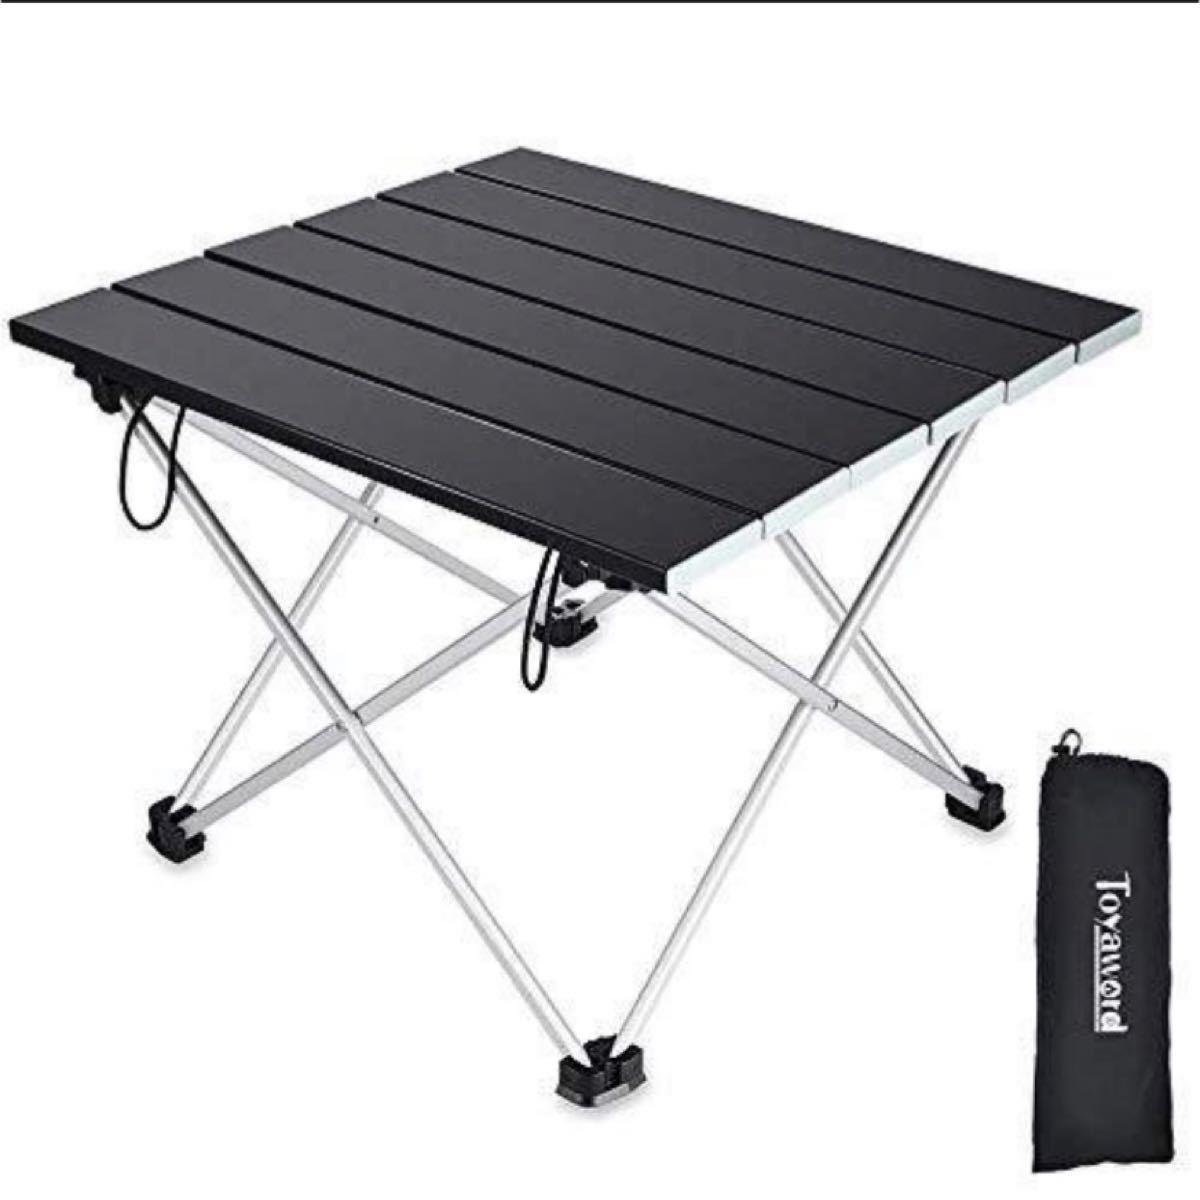 アウトドアテーブル キャンプ用品 コンパクト 折り畳みテーブル 耐荷重30kg